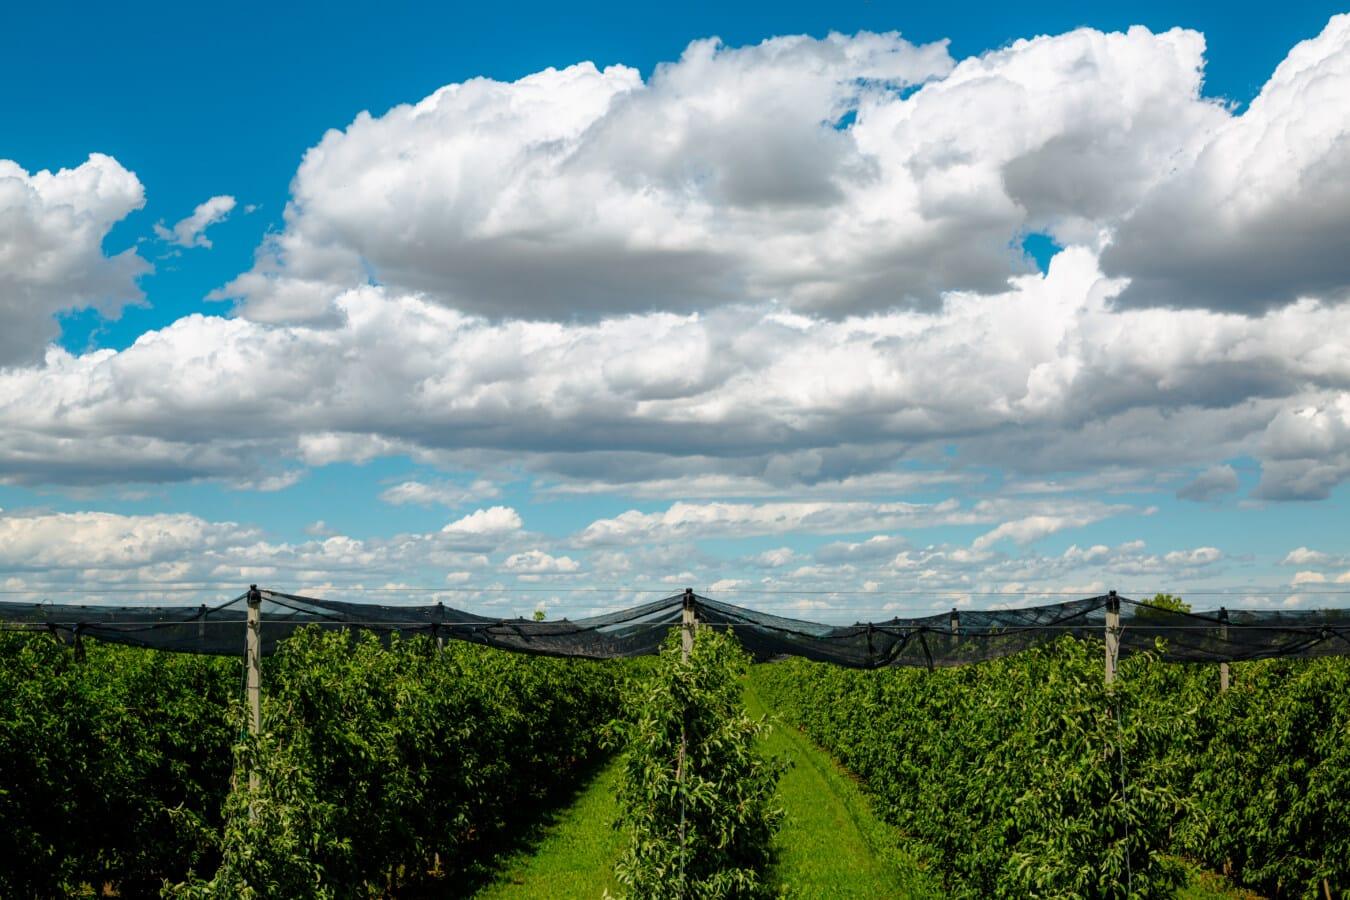 苹果, 果园, 保护, 网络, 生产, 农业, 性质, 景观, 谷仓, 夏天